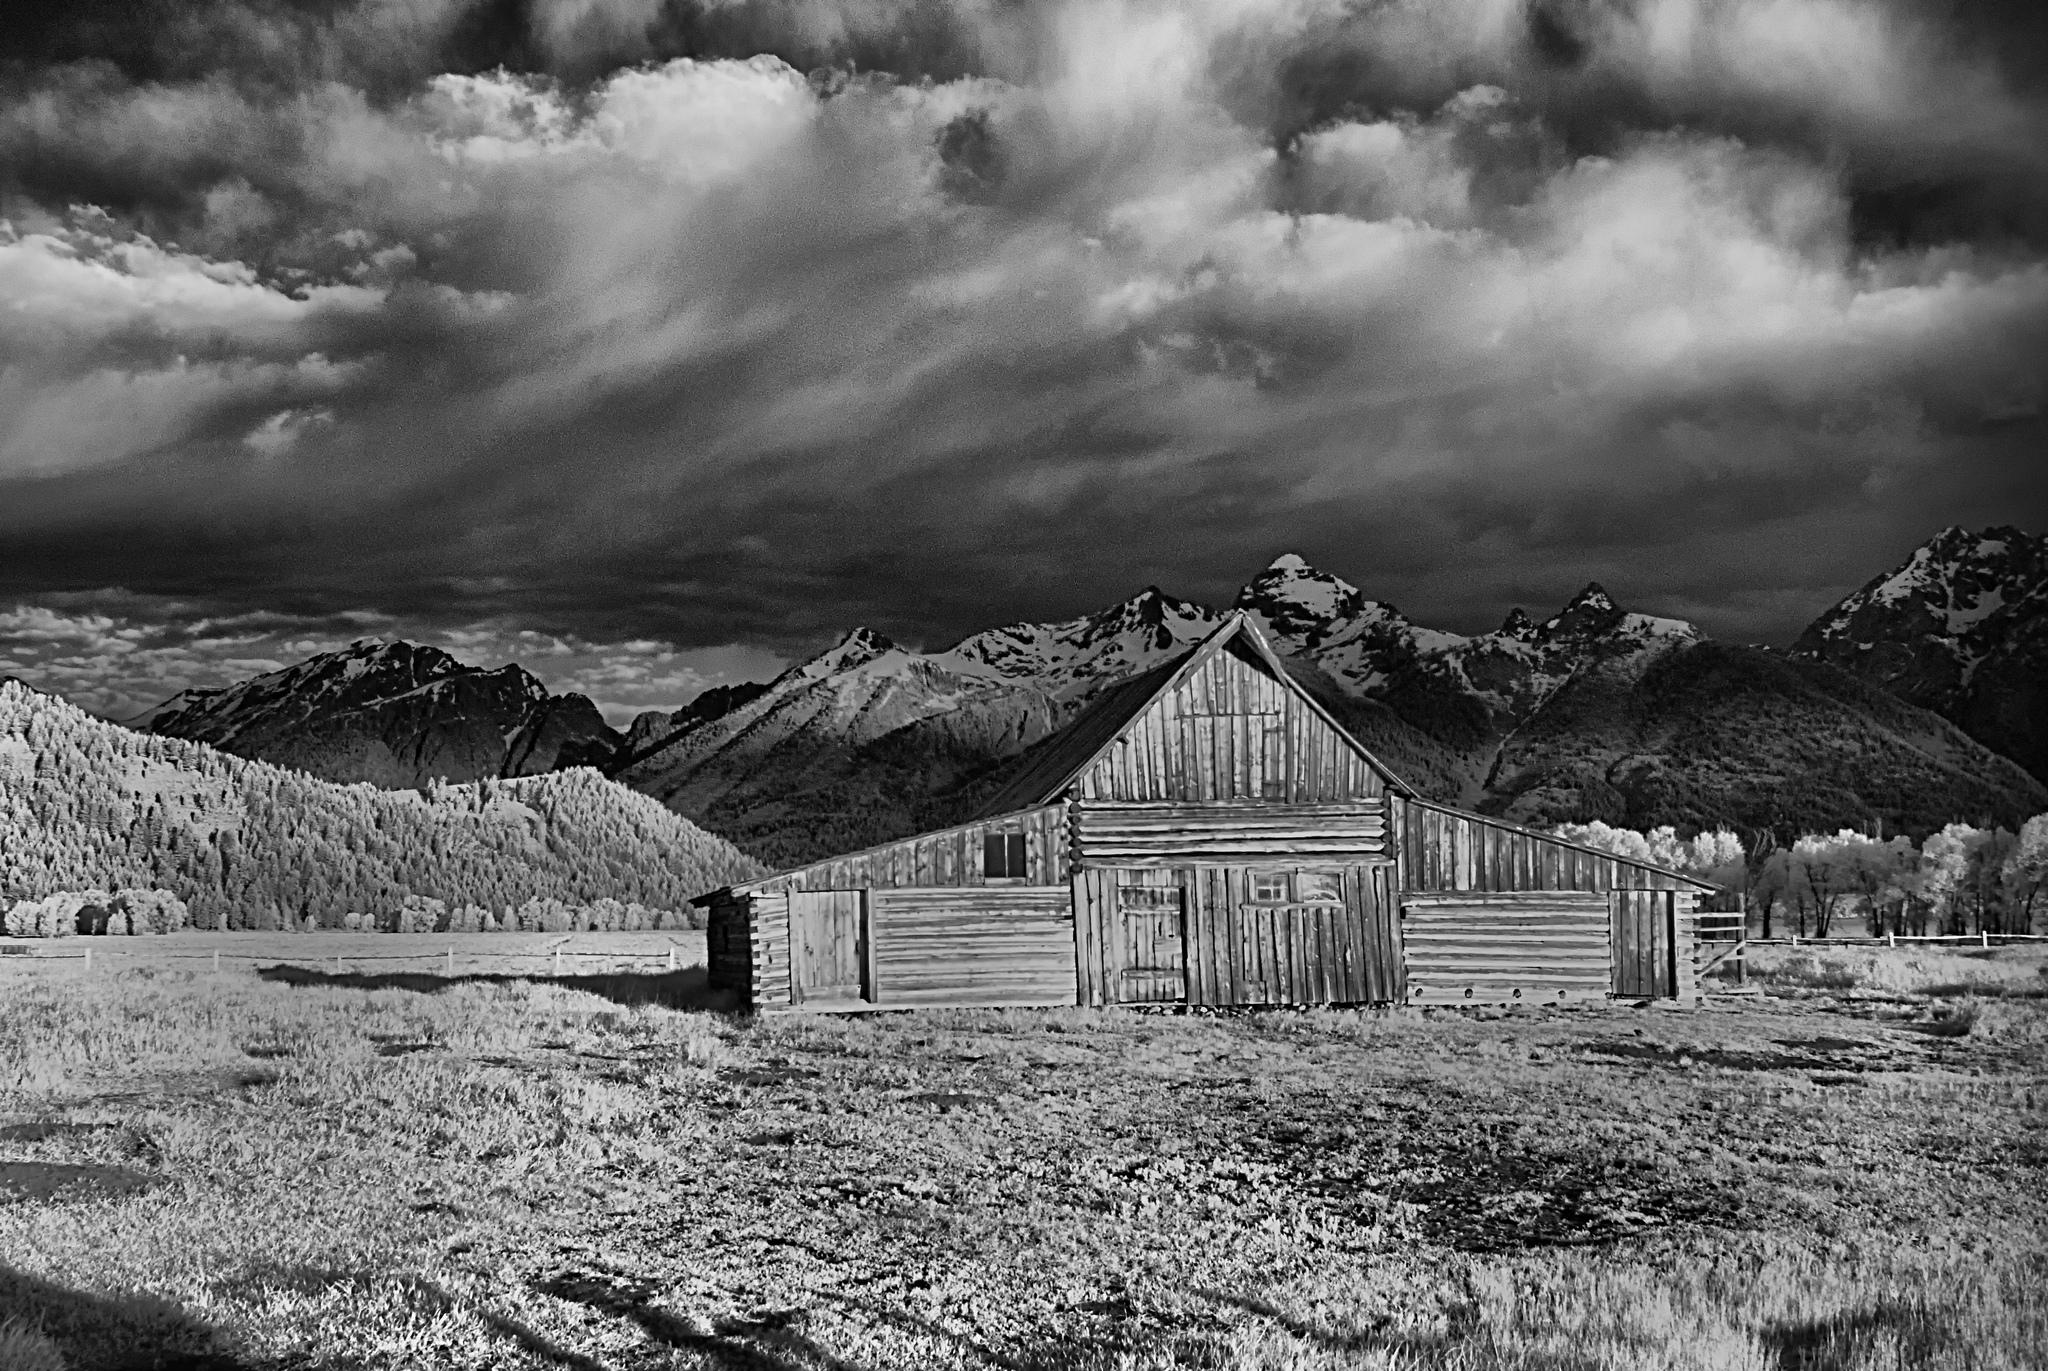 Rustikale Holzscheune vor Bergen und Wolken in Schwarz-Weiß.